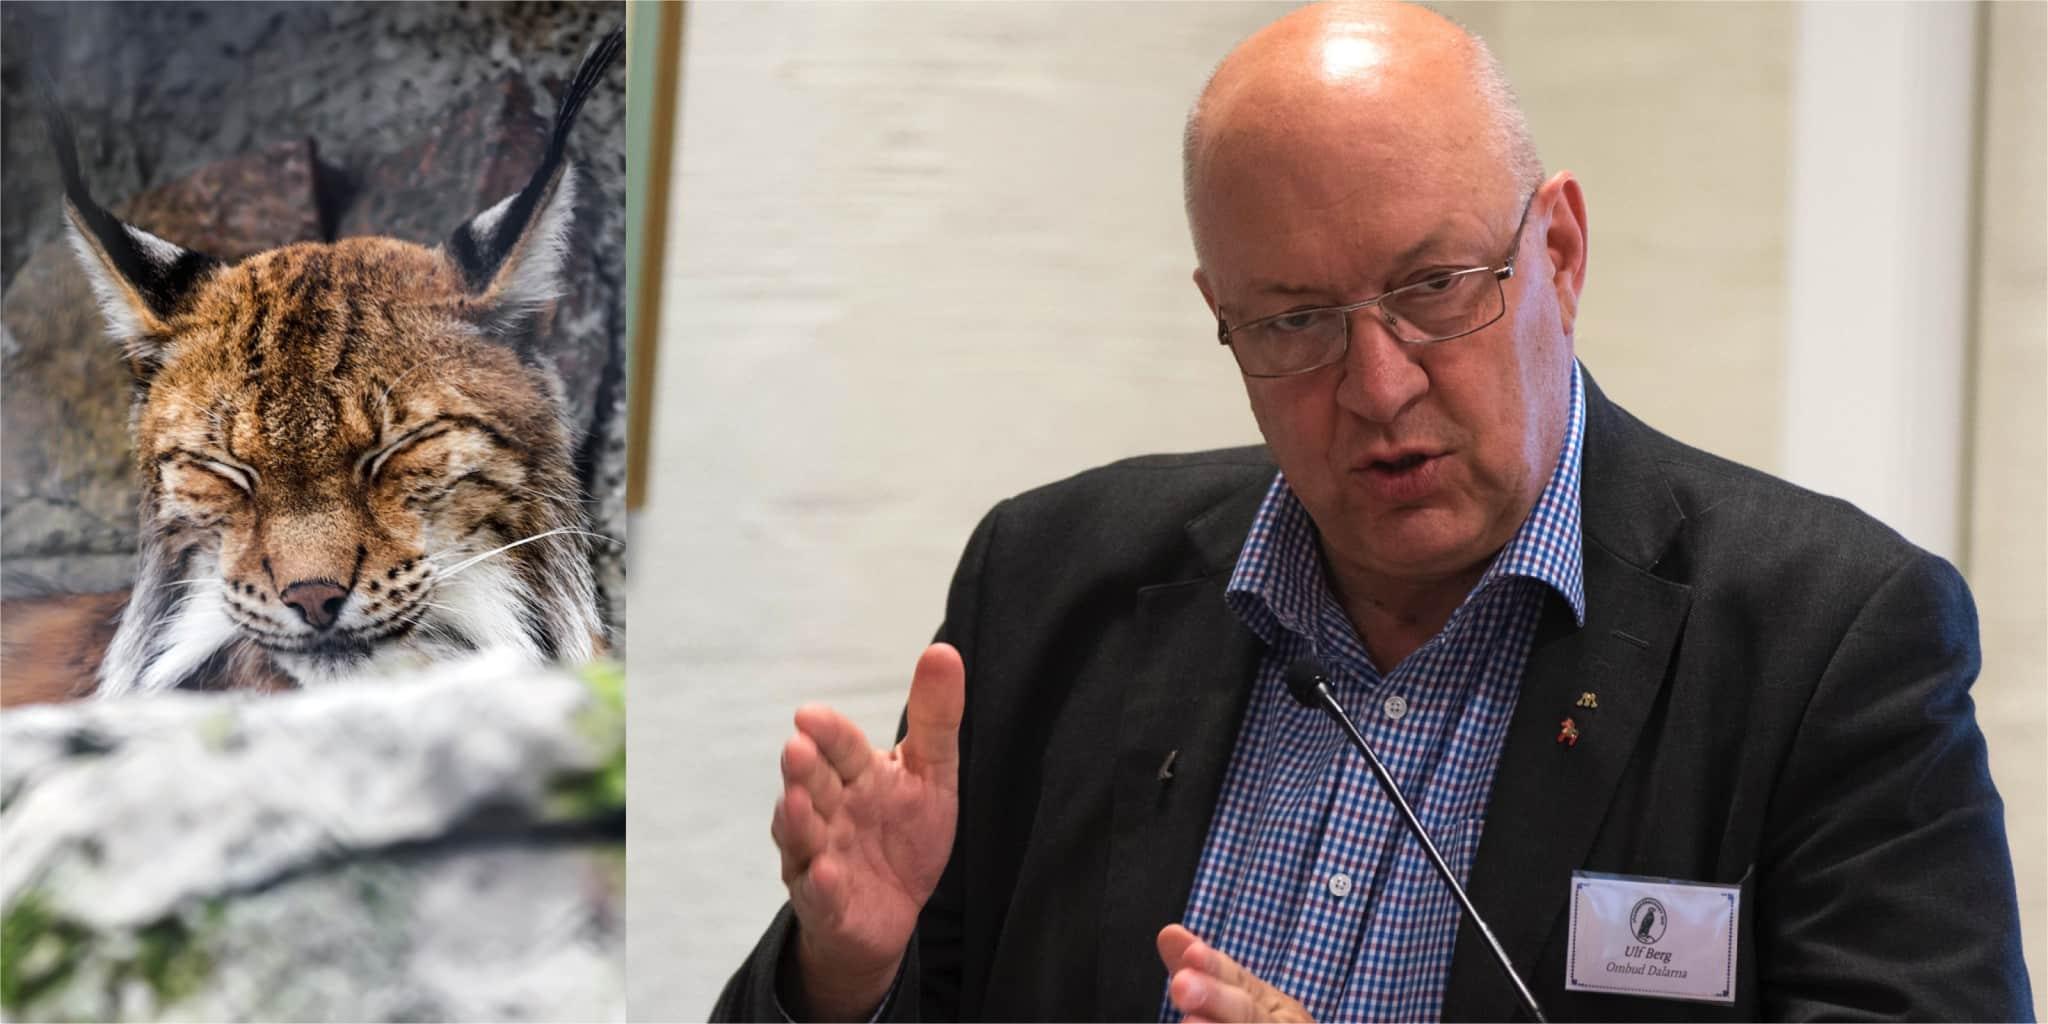 Ulf Berg efterlyser tydligare direktiv i de regleringsbrev som går ut till landets myndigheter. Foto: Mostphotos (lodjur) samt Lars Nilsson (Ulf Berg)